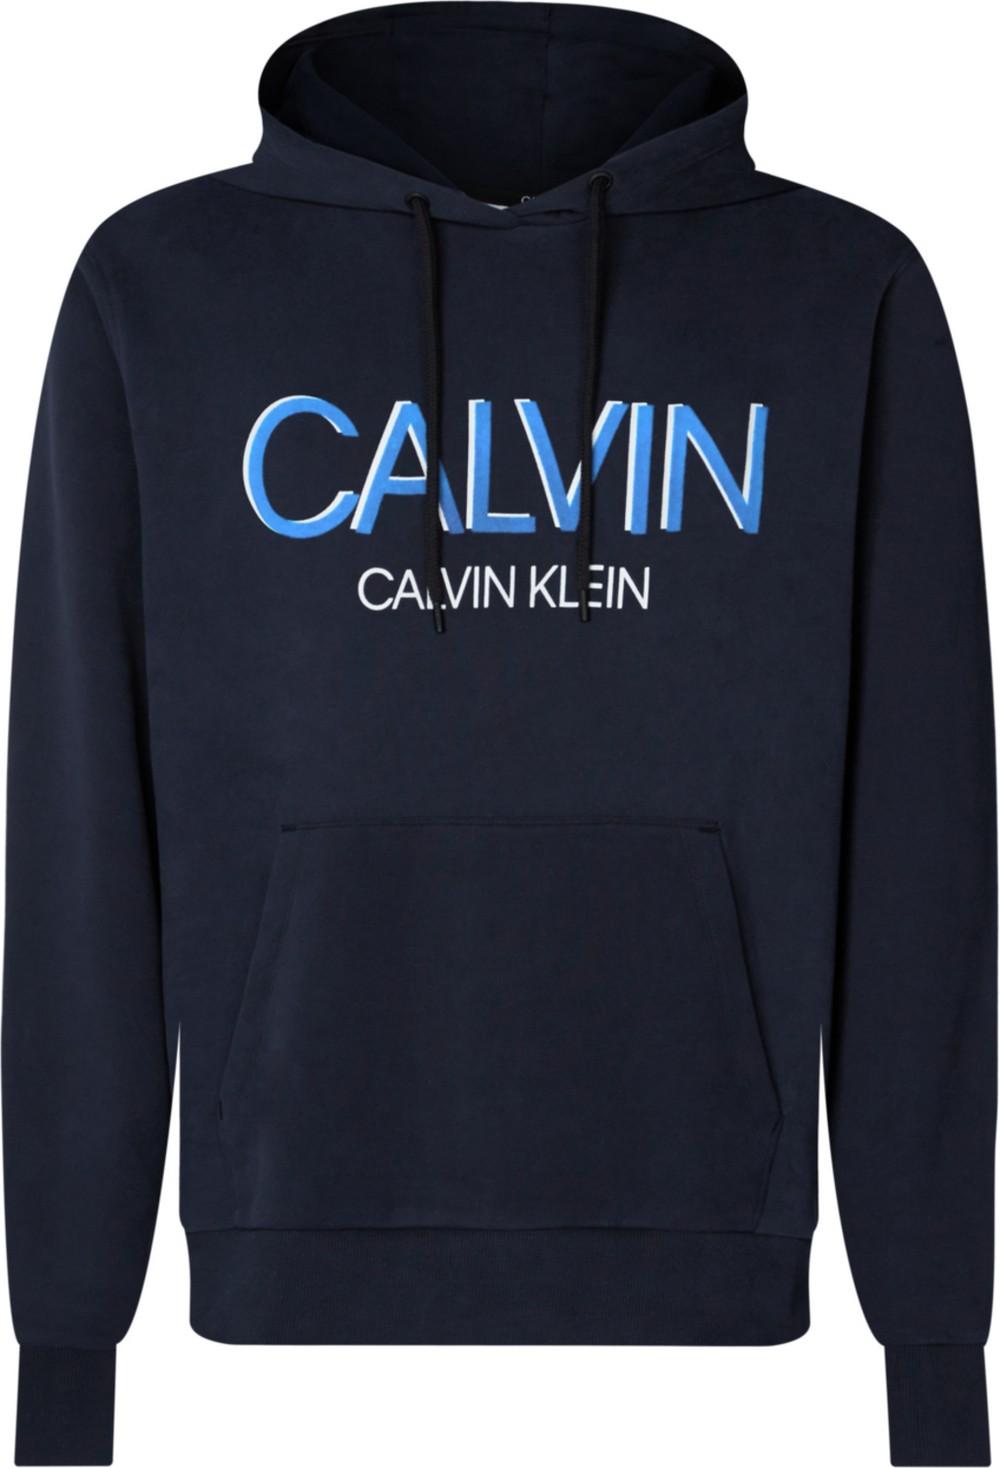 CalvinNavy